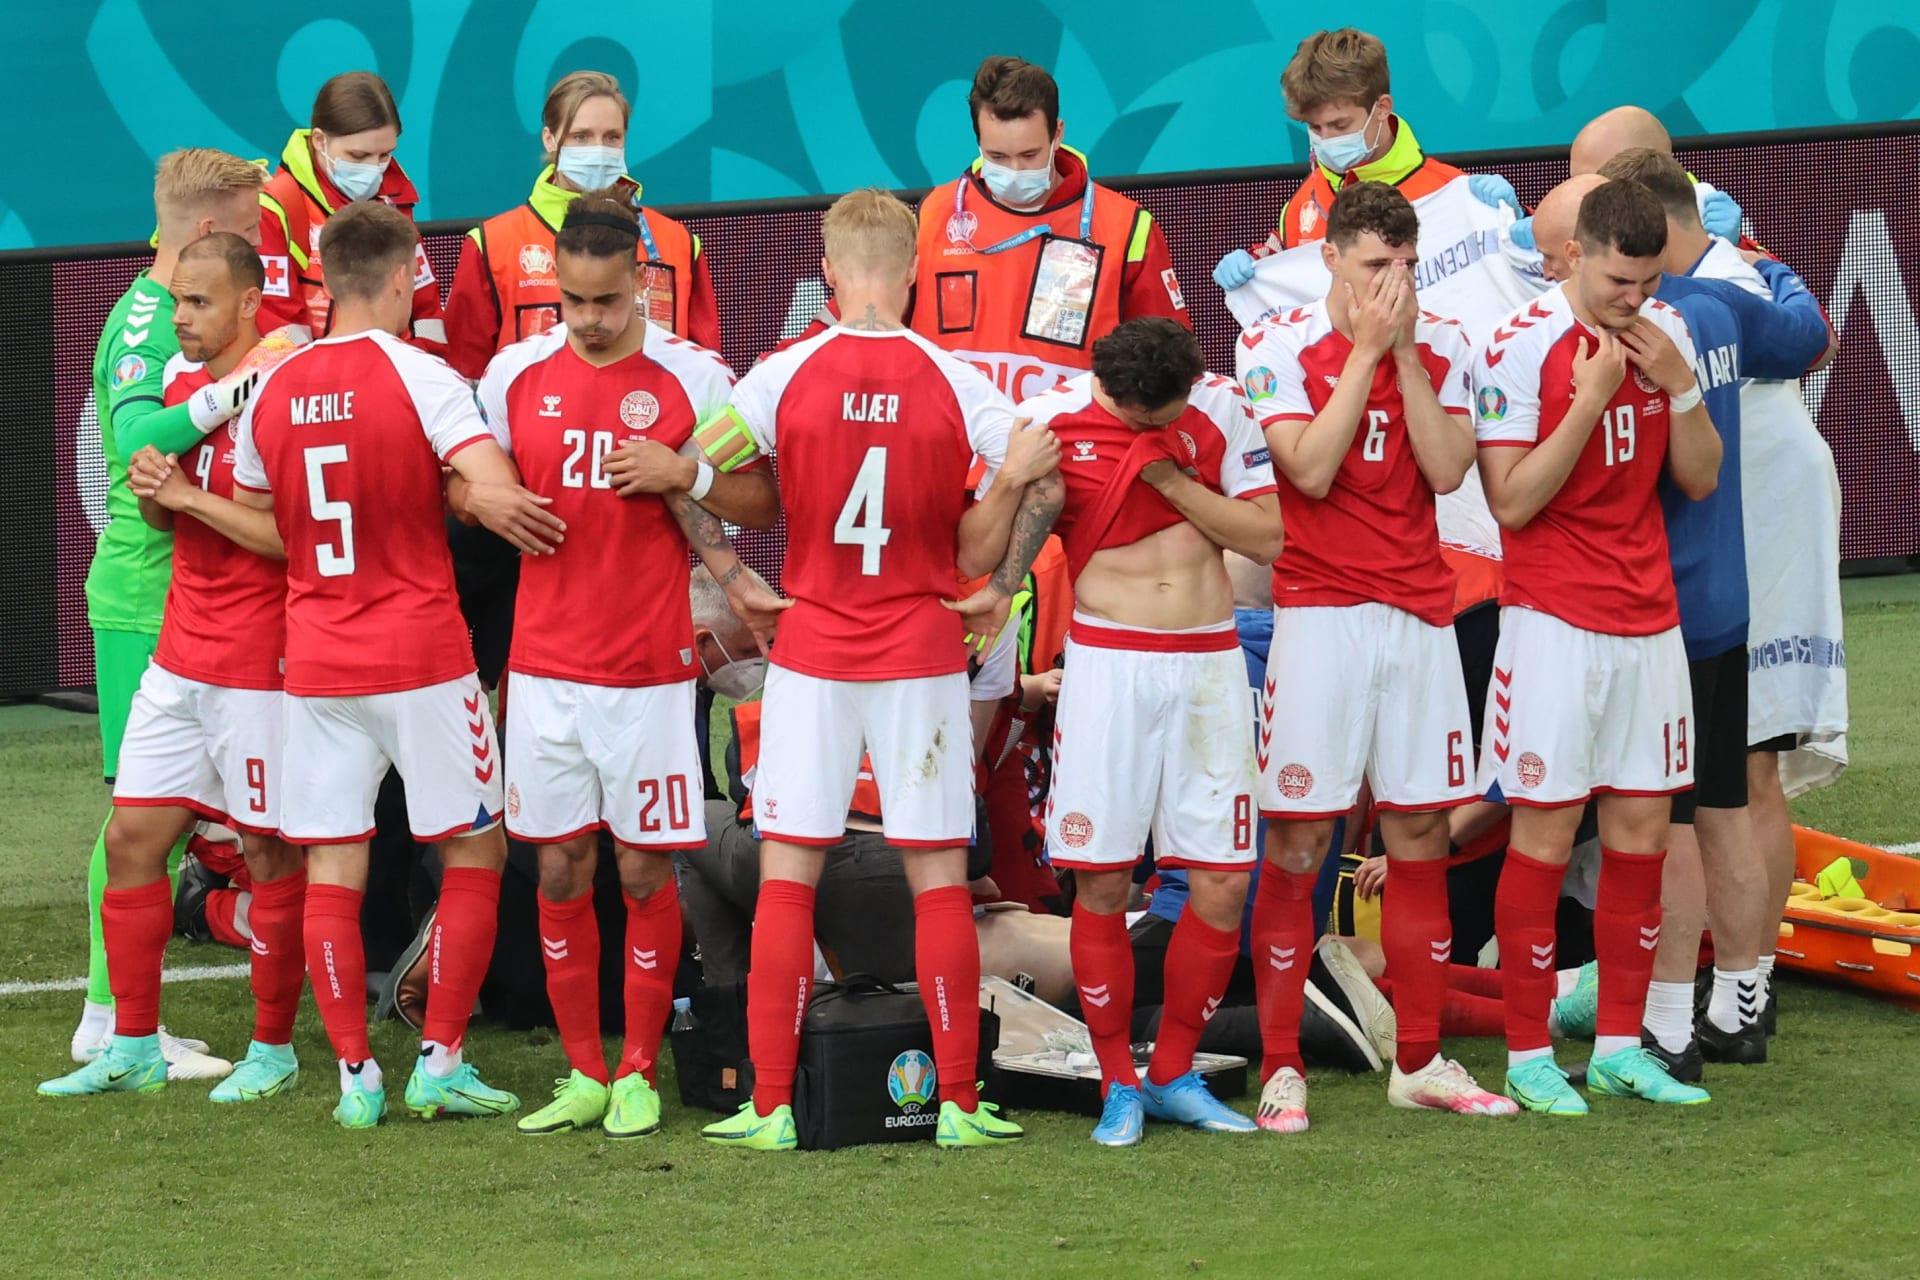 يورو2020: محاولات لإنعاش لاعب منتخب الدنمارك في الملعب خلال المباراة مع فلندا